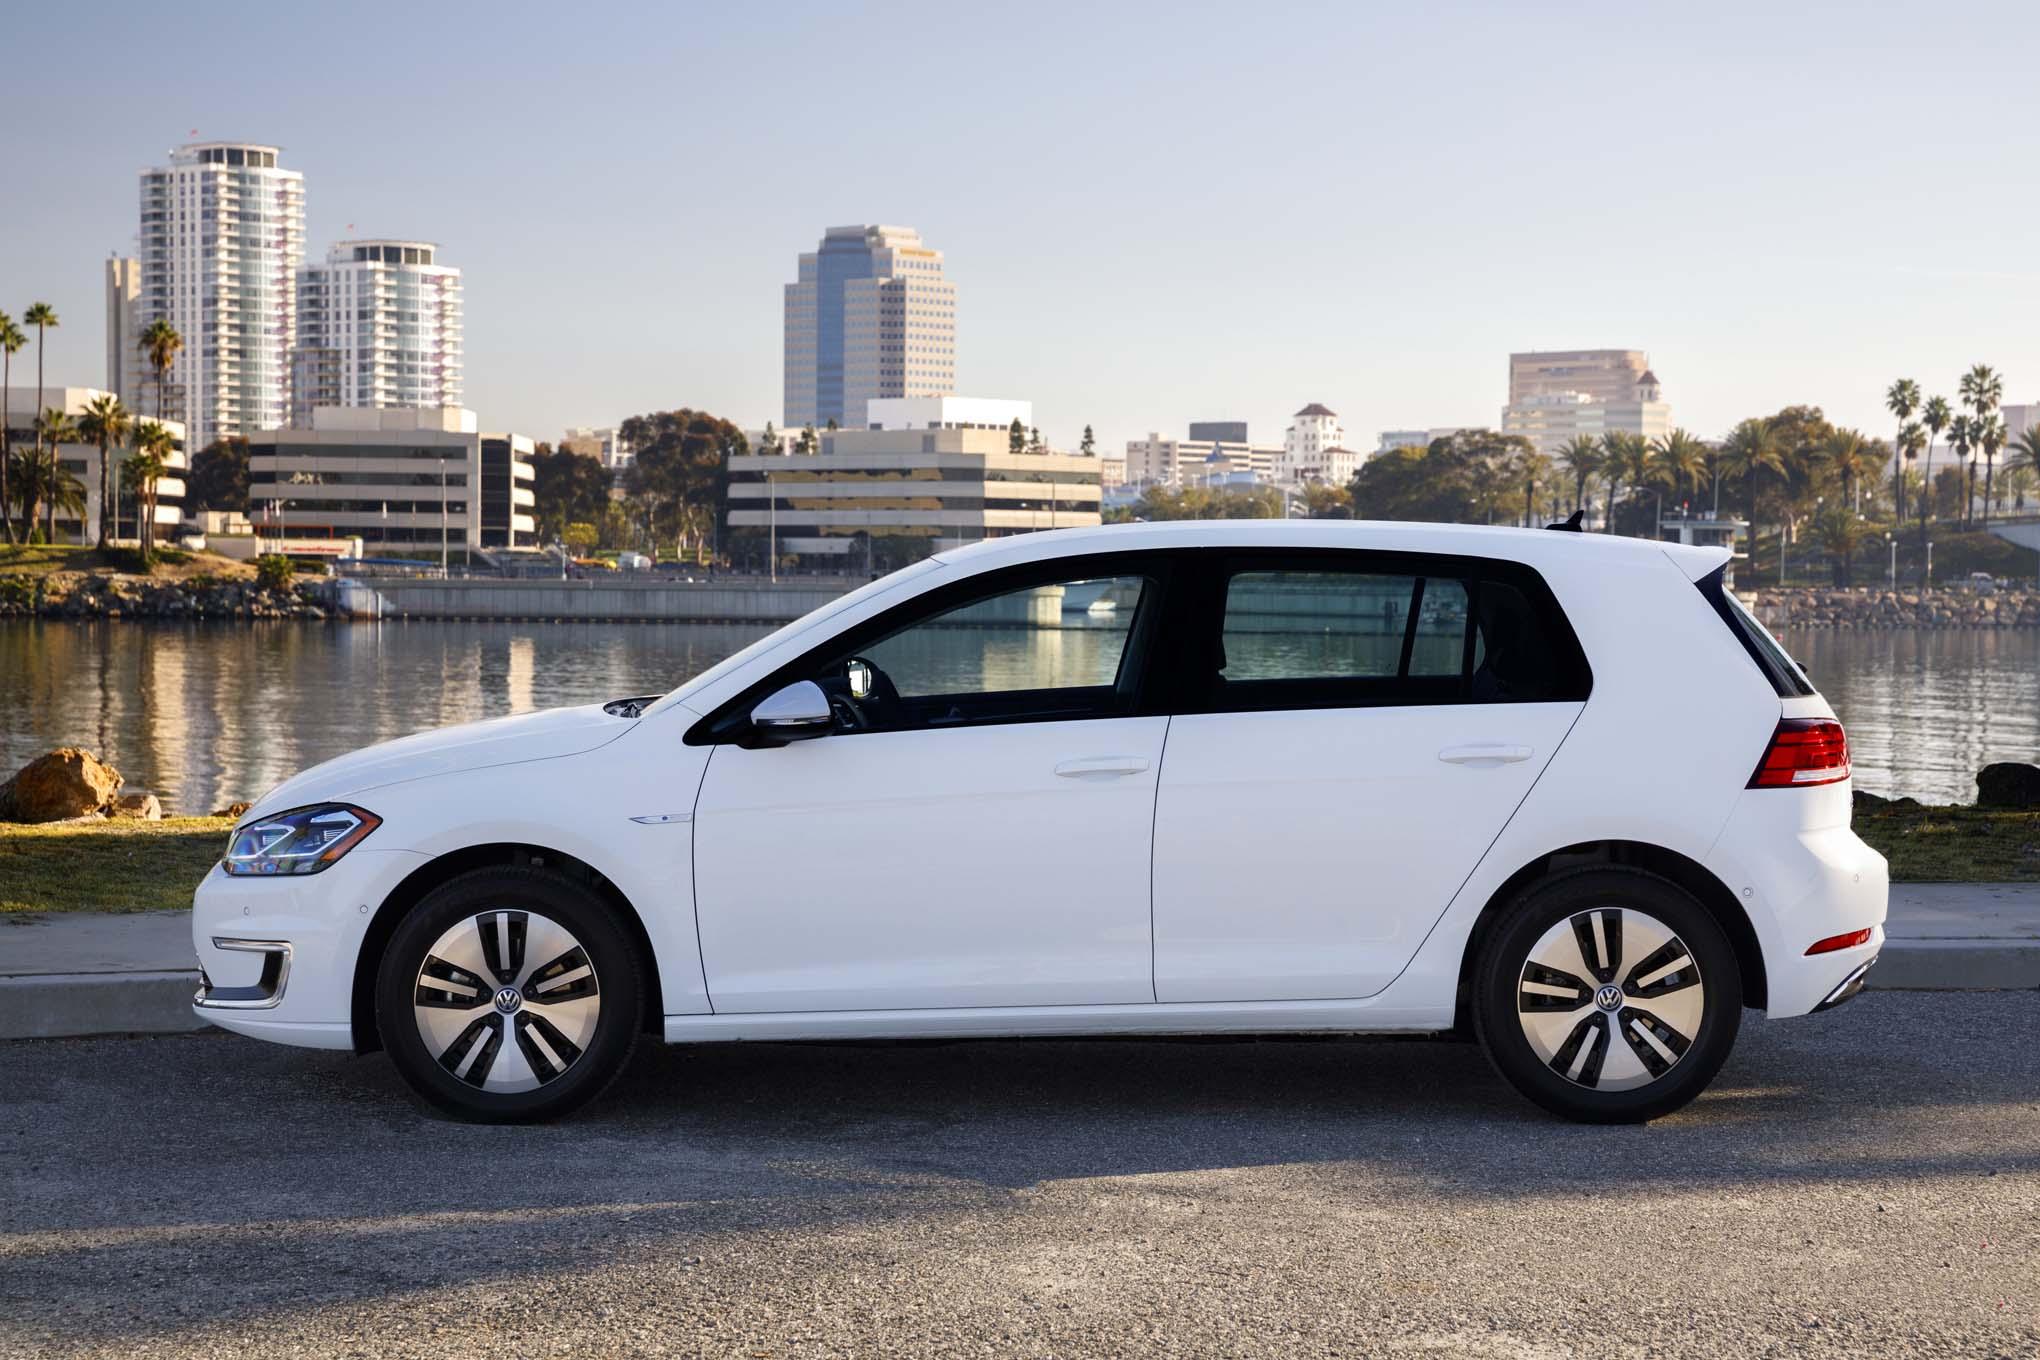 2017 Volkswagen E Golf Side